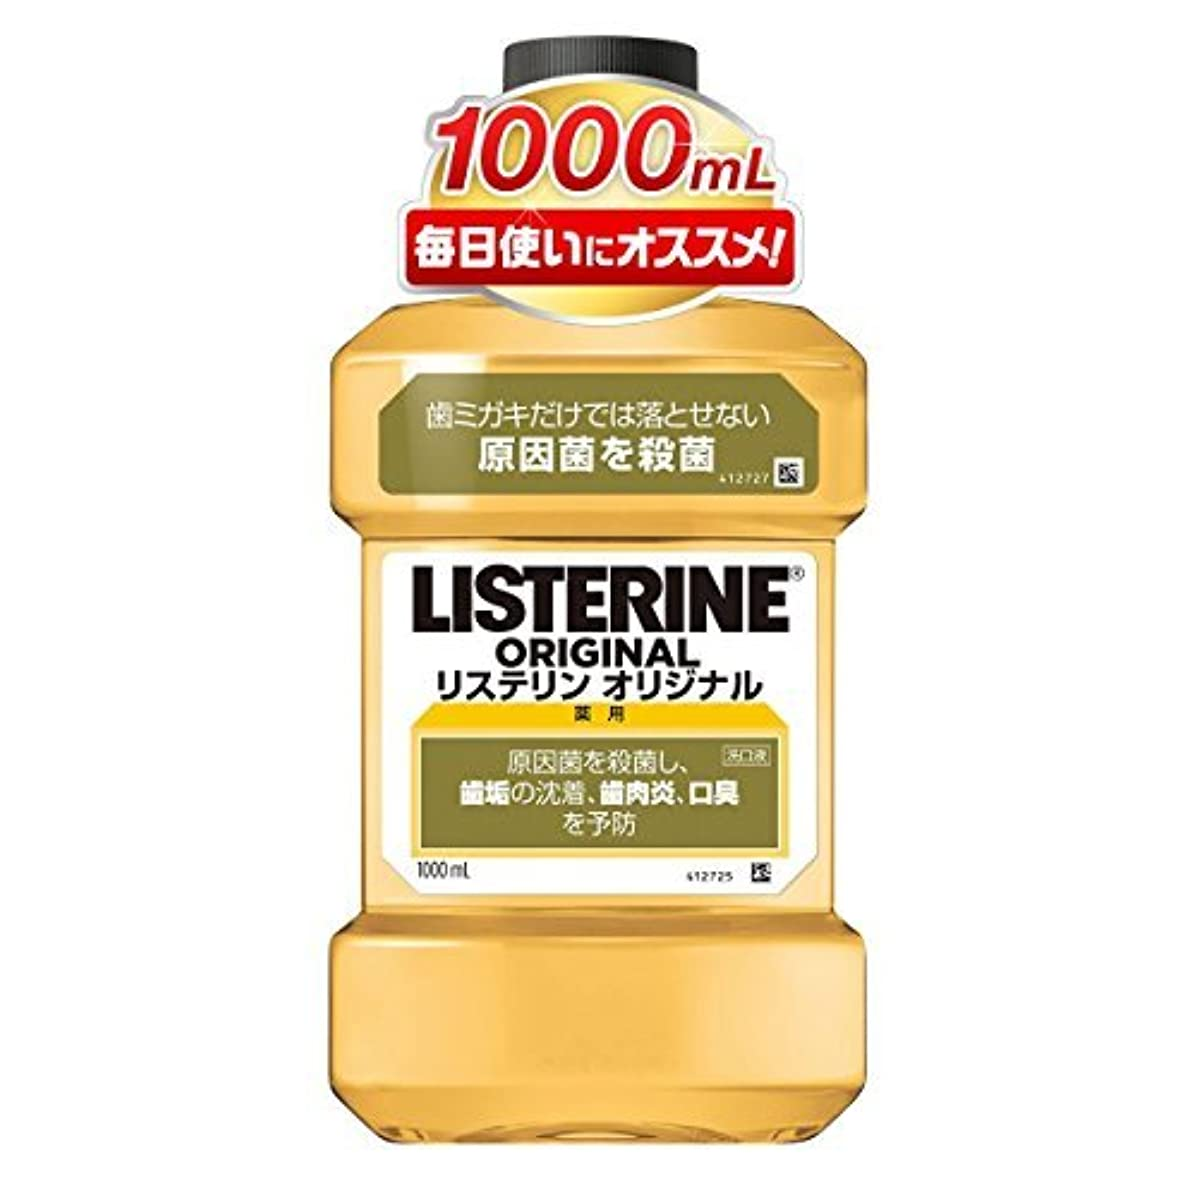 器具静かな選択薬用リステリン オリジナル 1000ml ×6個セット